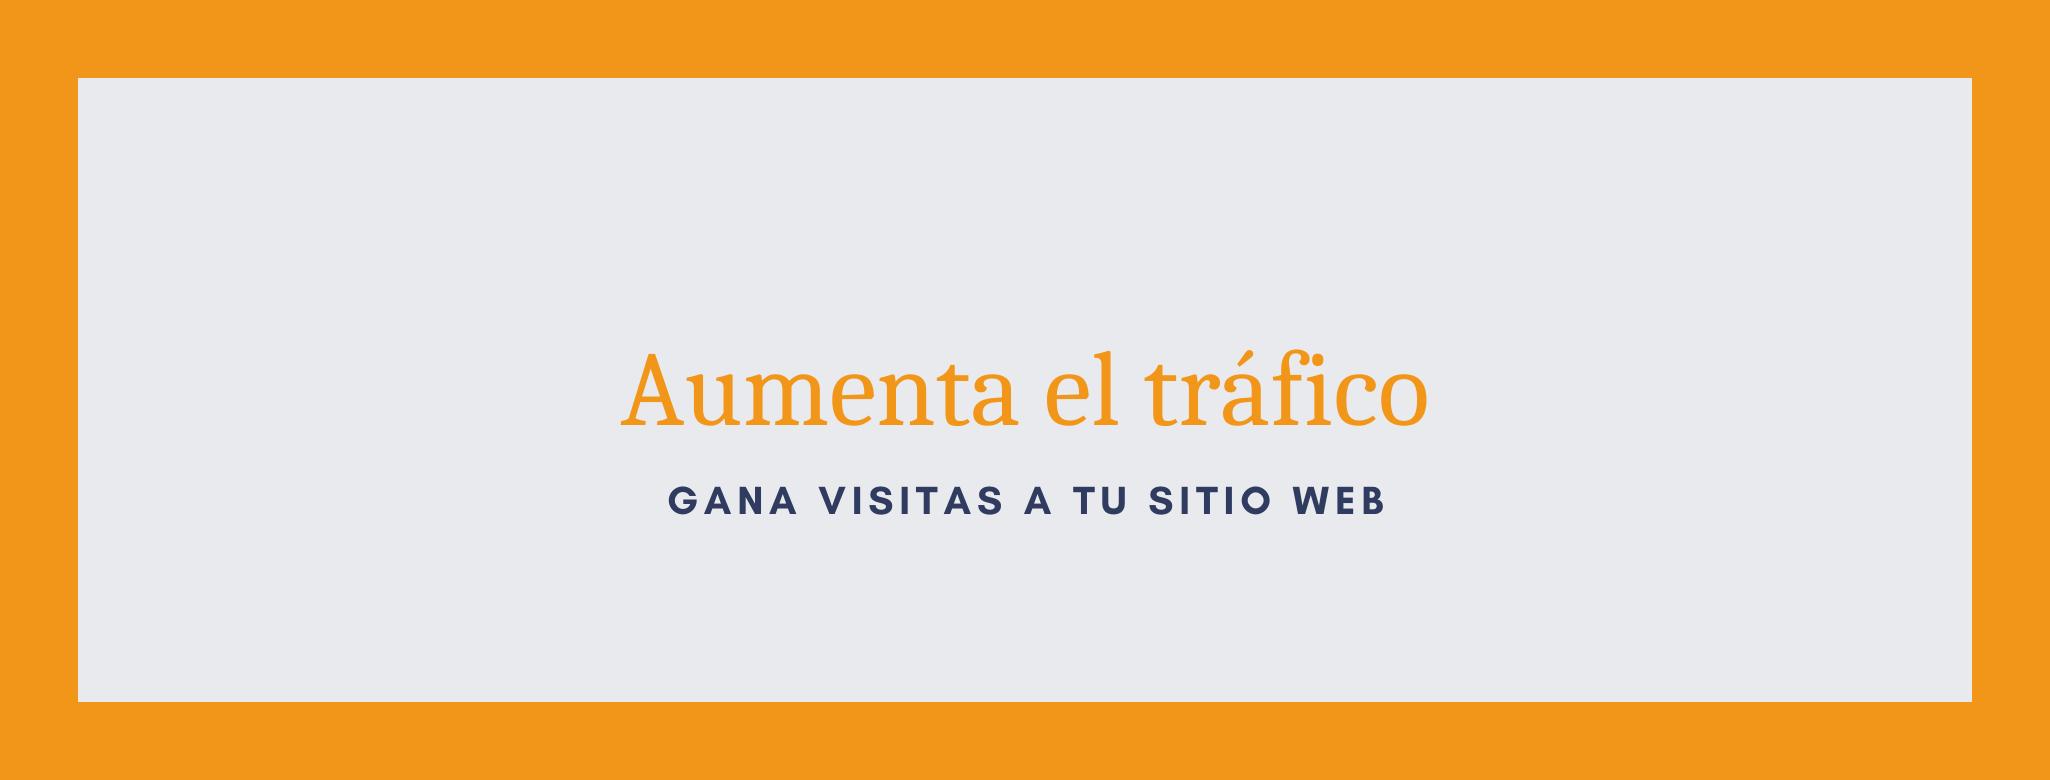 Aumenta el tráfico de tu sitio web mediante un blog.